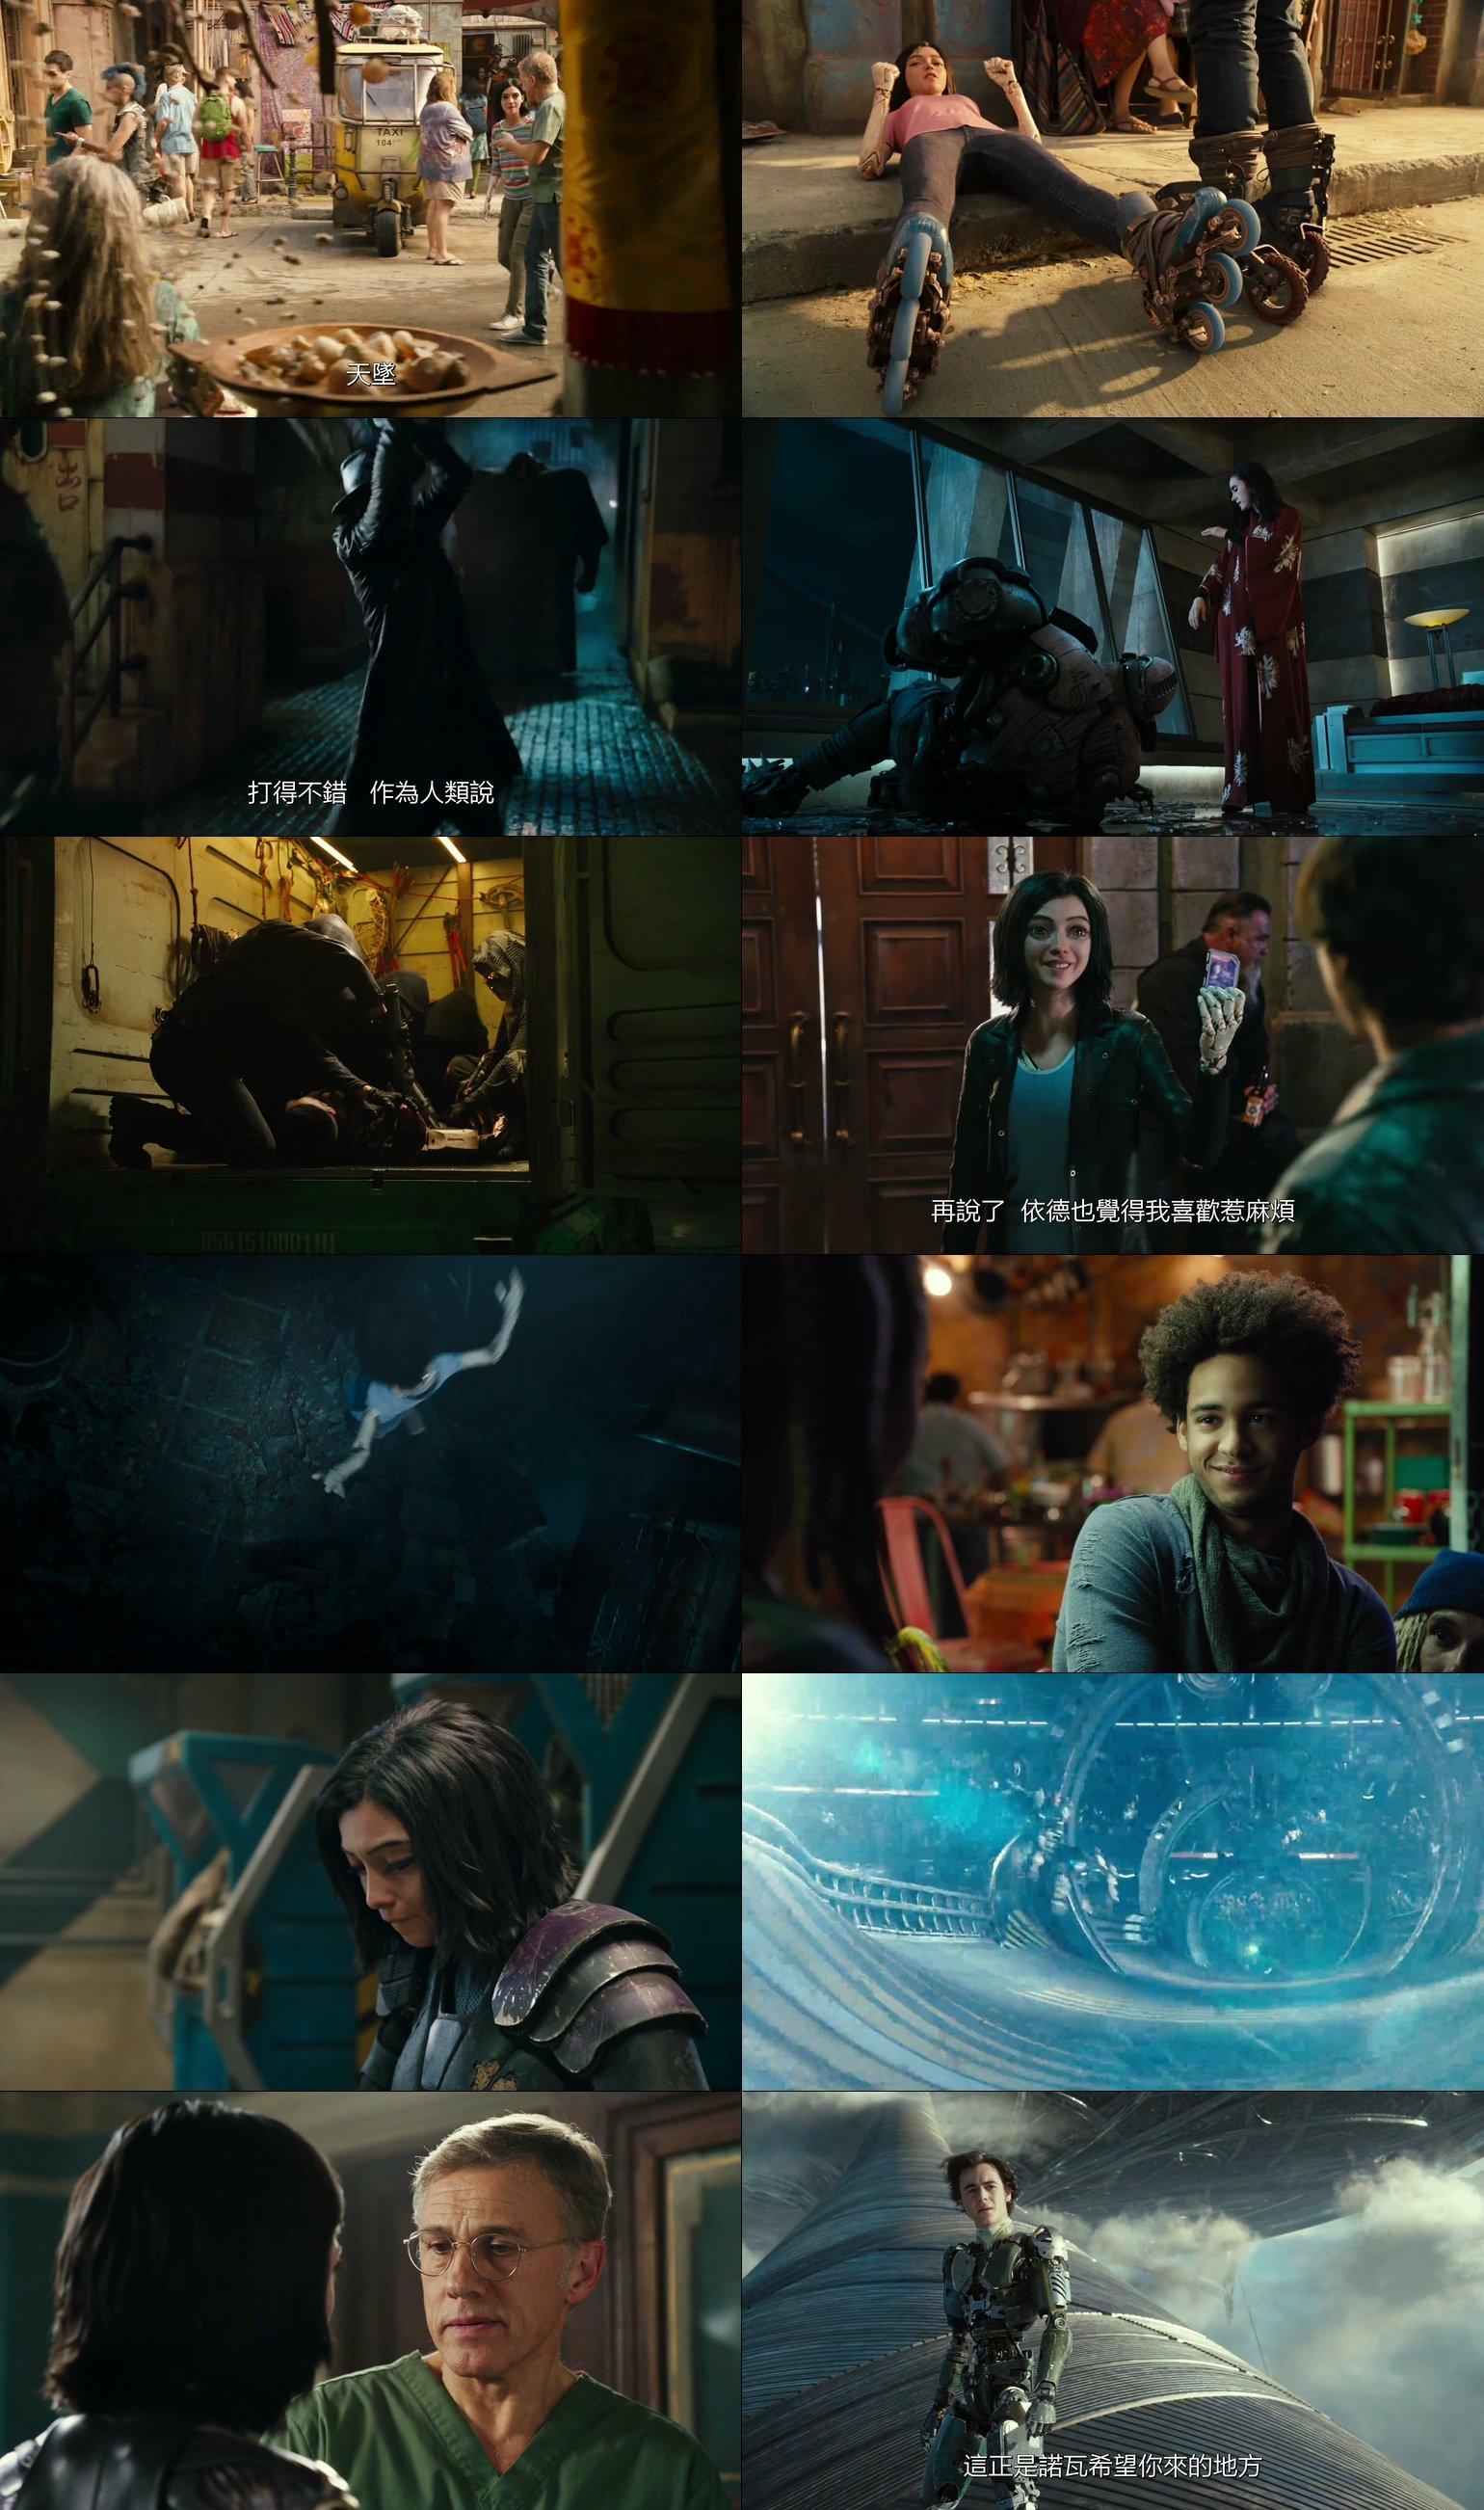 阿丽塔:战斗天使/艾莉塔:戰斗天使.2019.HD-1080p[MKV@3.8G@繁簡]